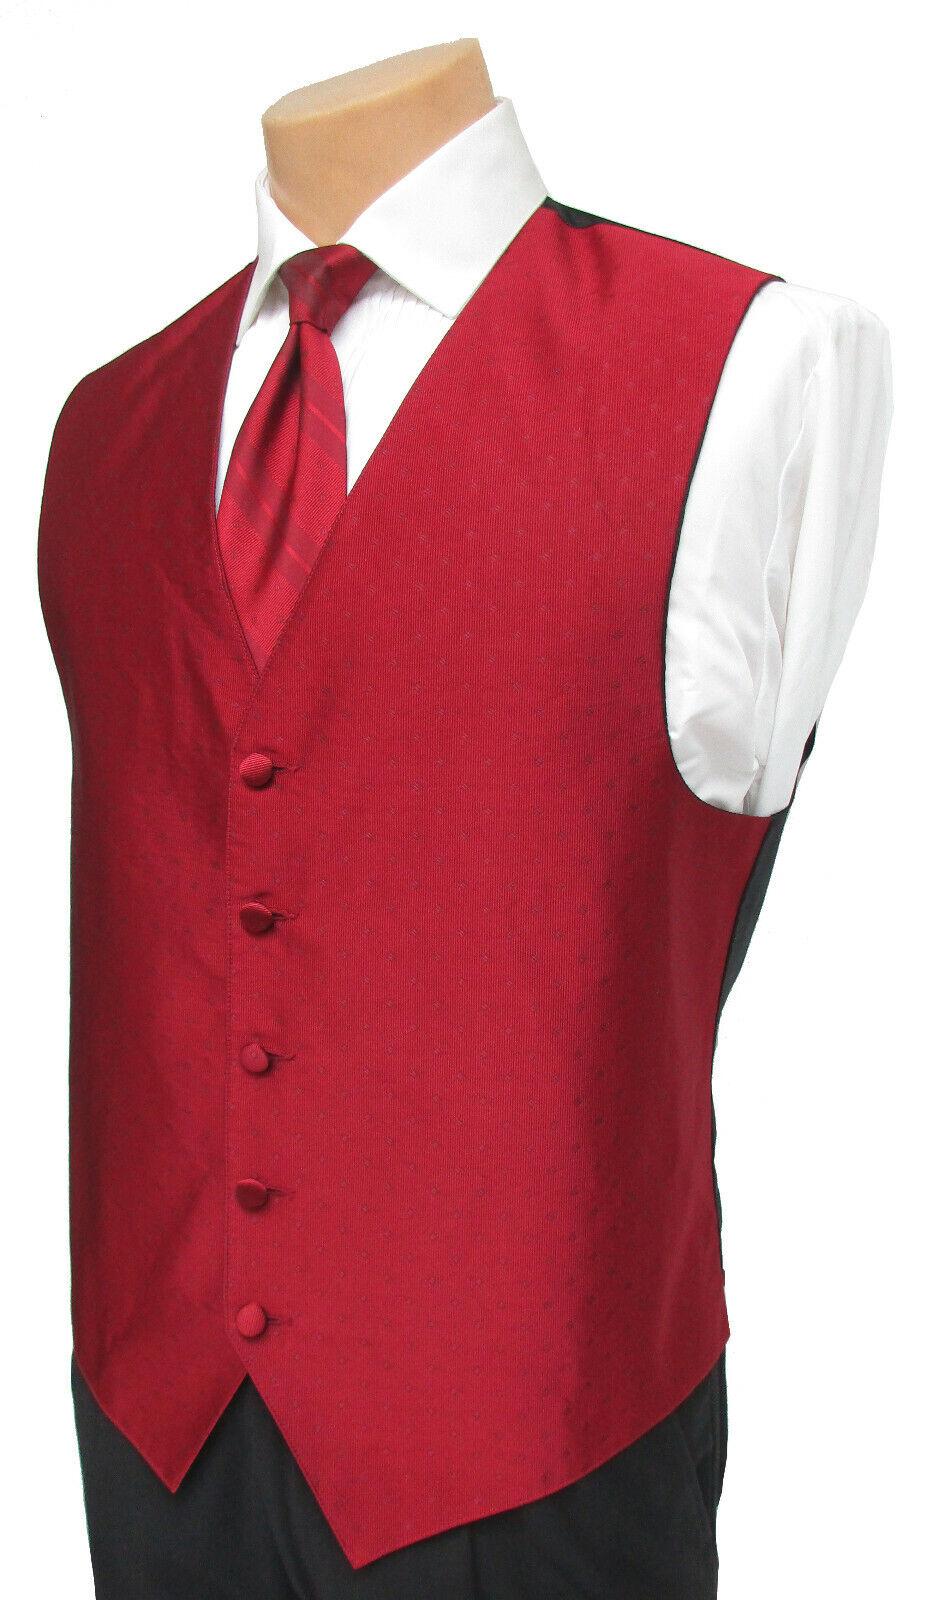 Men's XL Red Ralph Lauren Vineyards Fullback Tuxedo Vest & Tie Wedding Prom